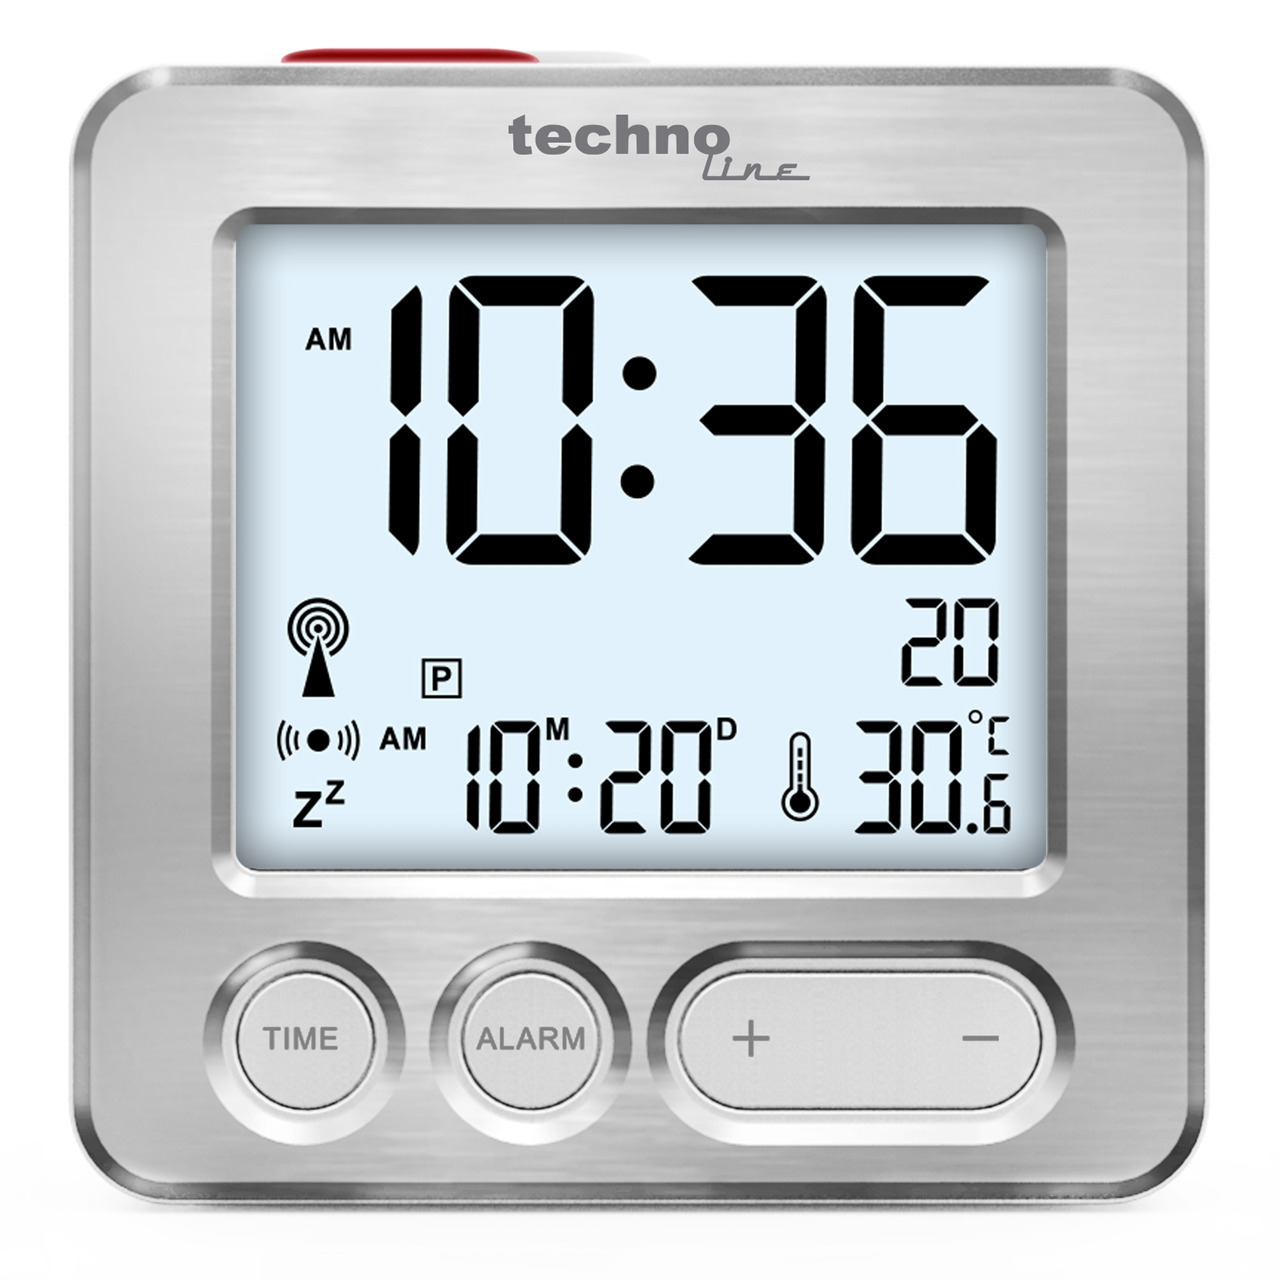 technoline Funkwecker mit Touch-Snooze- Display-Beleuchtung- kompakte Abmessungen